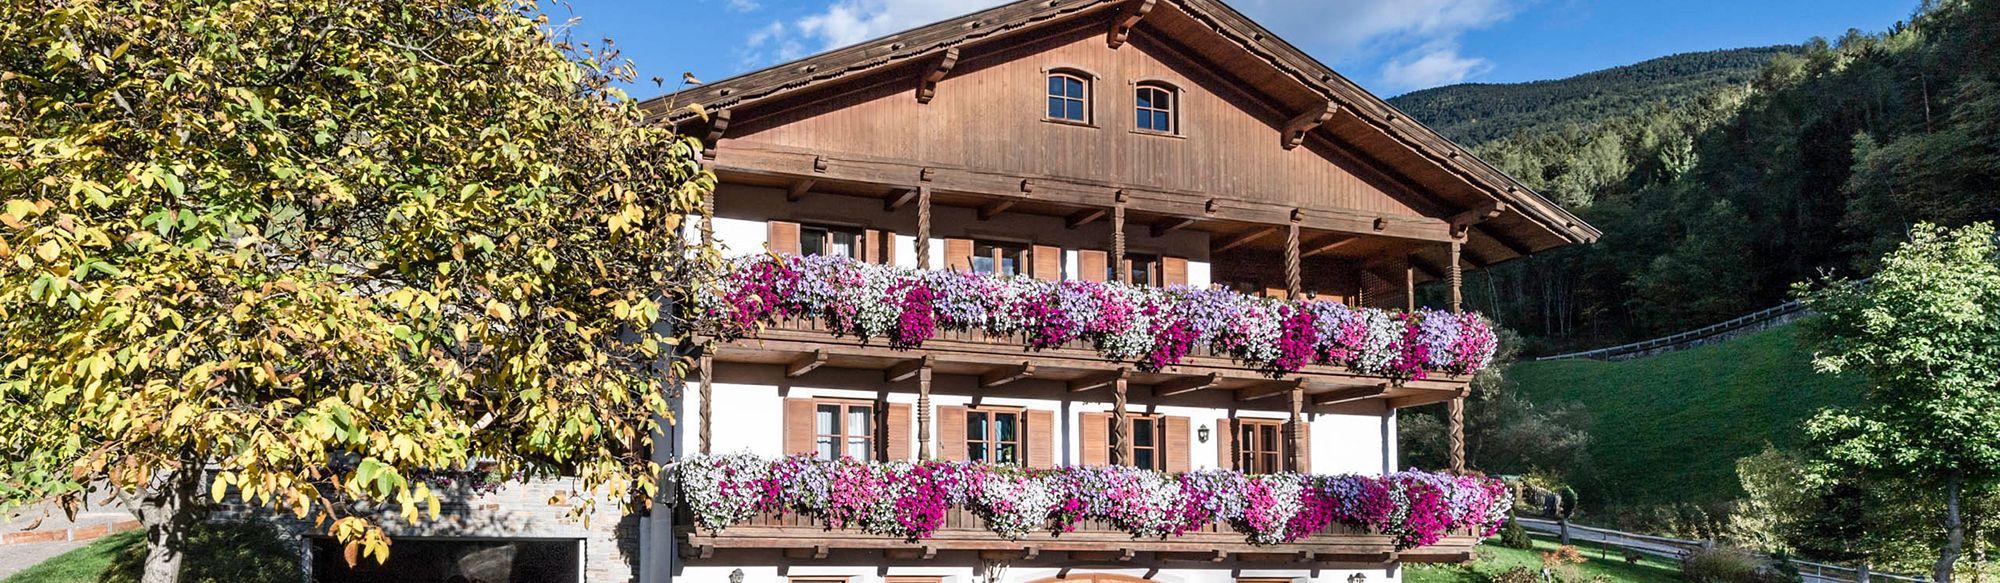 Niederthalerhof - unser Bauernhaus